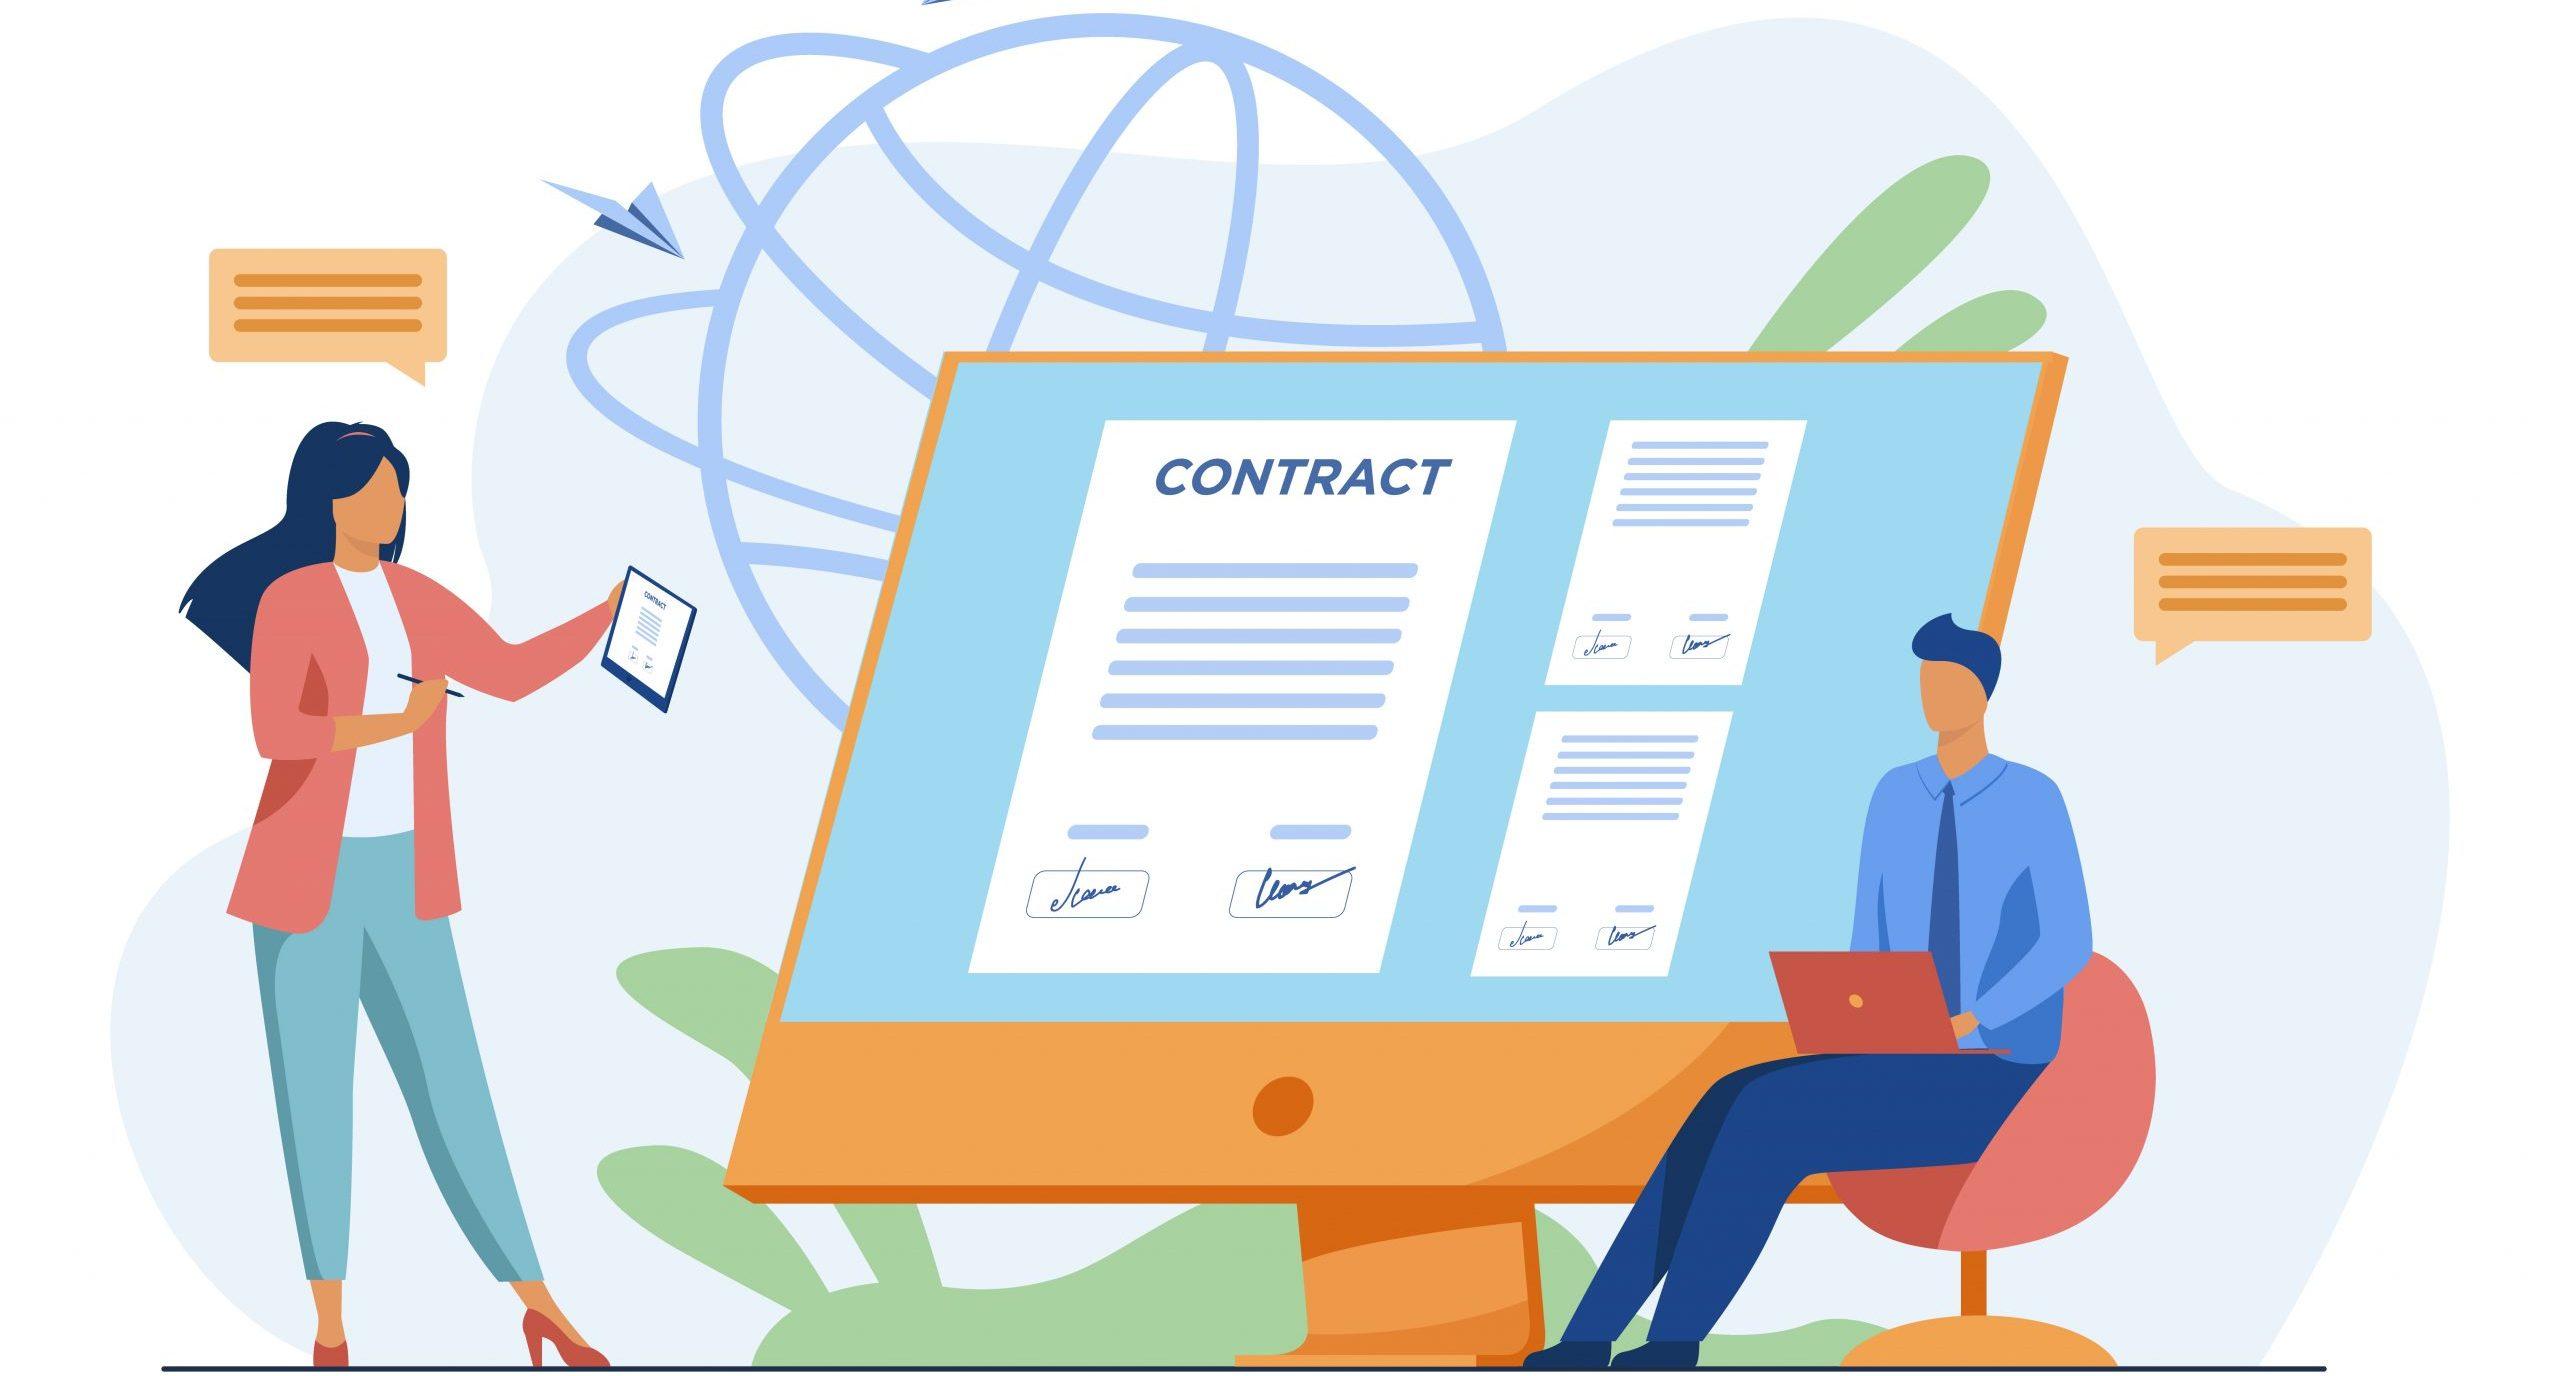 Conhecer o ciclo de vida dos contratos é essencial para uma gestão eficiente, o que impacta diretamente na saúde dos negócios. Saiba mais em nosso post.